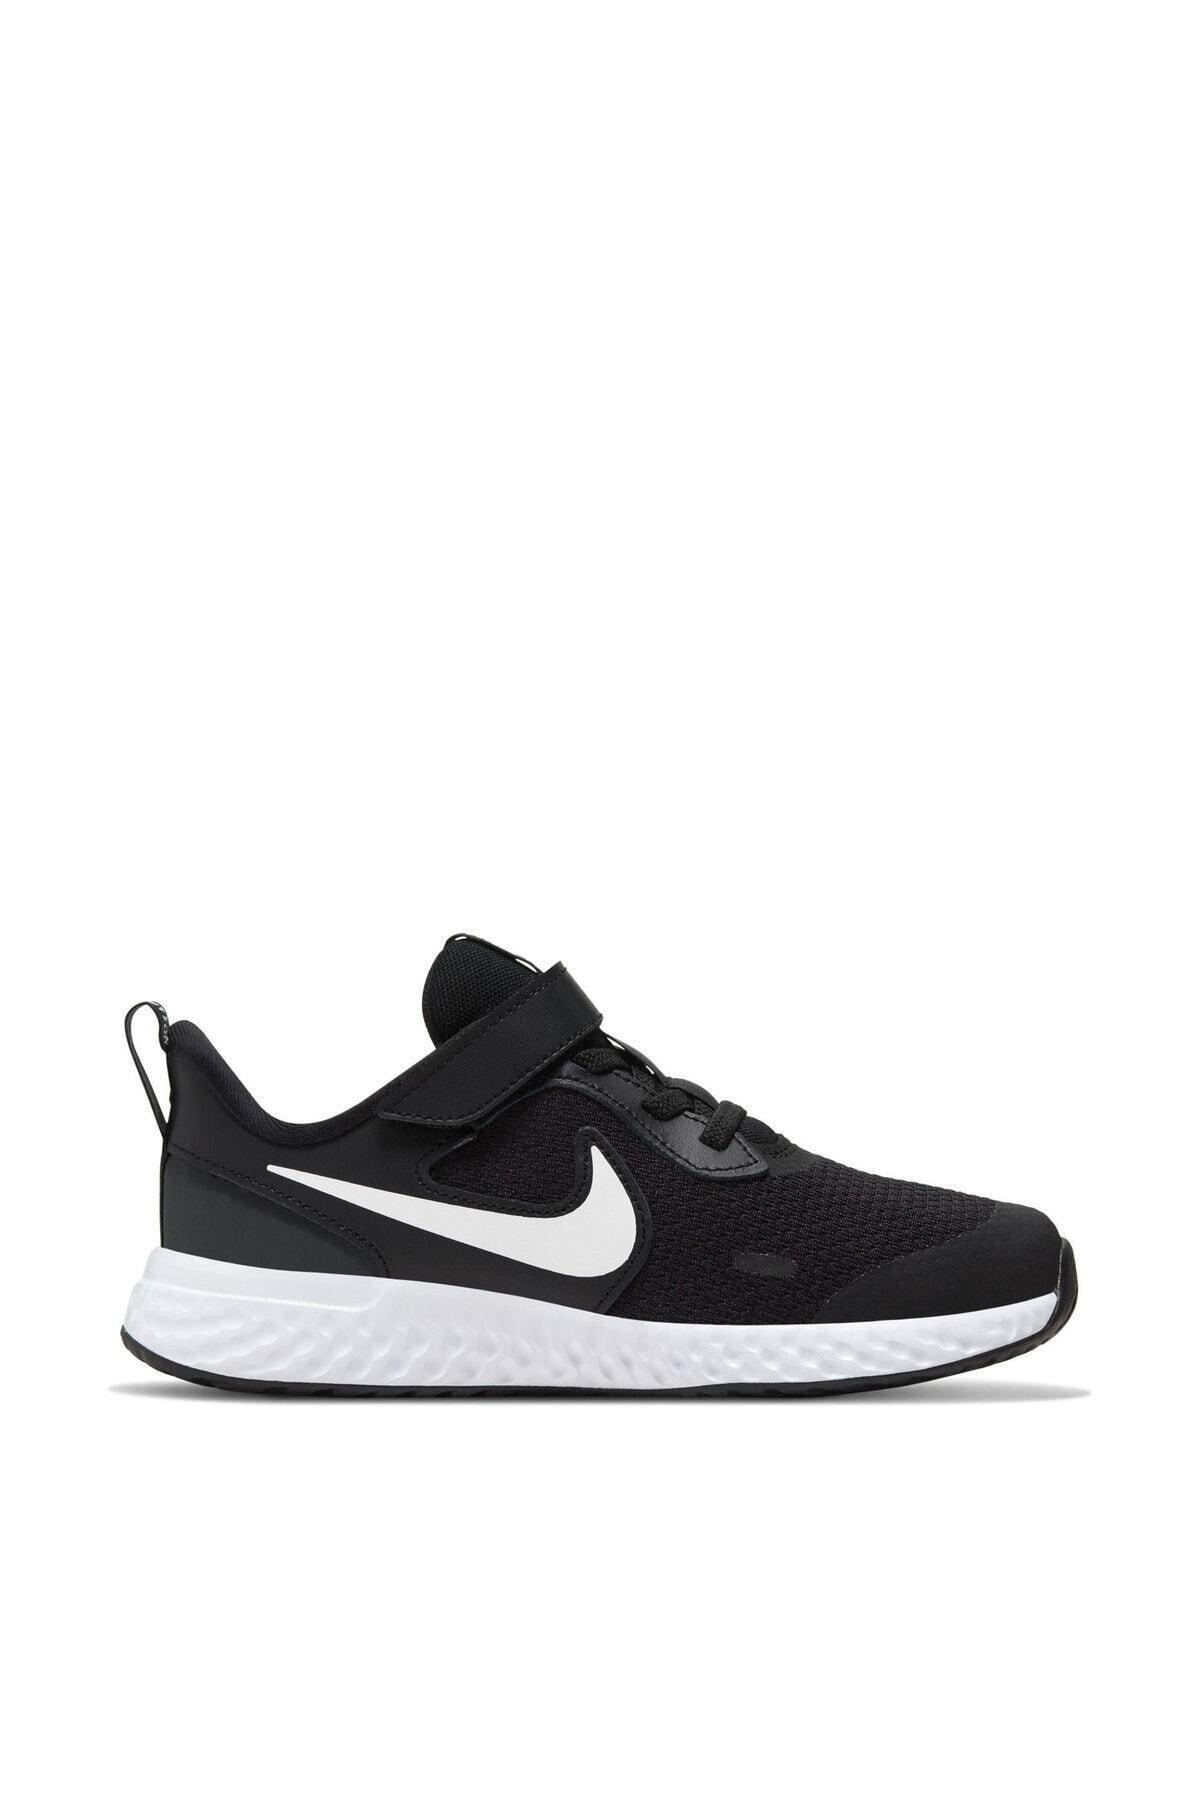 Nike Kids Nike Bq5672-003 Revolution 5 Küçük Çocuk Koşu Ayakkabısı 1